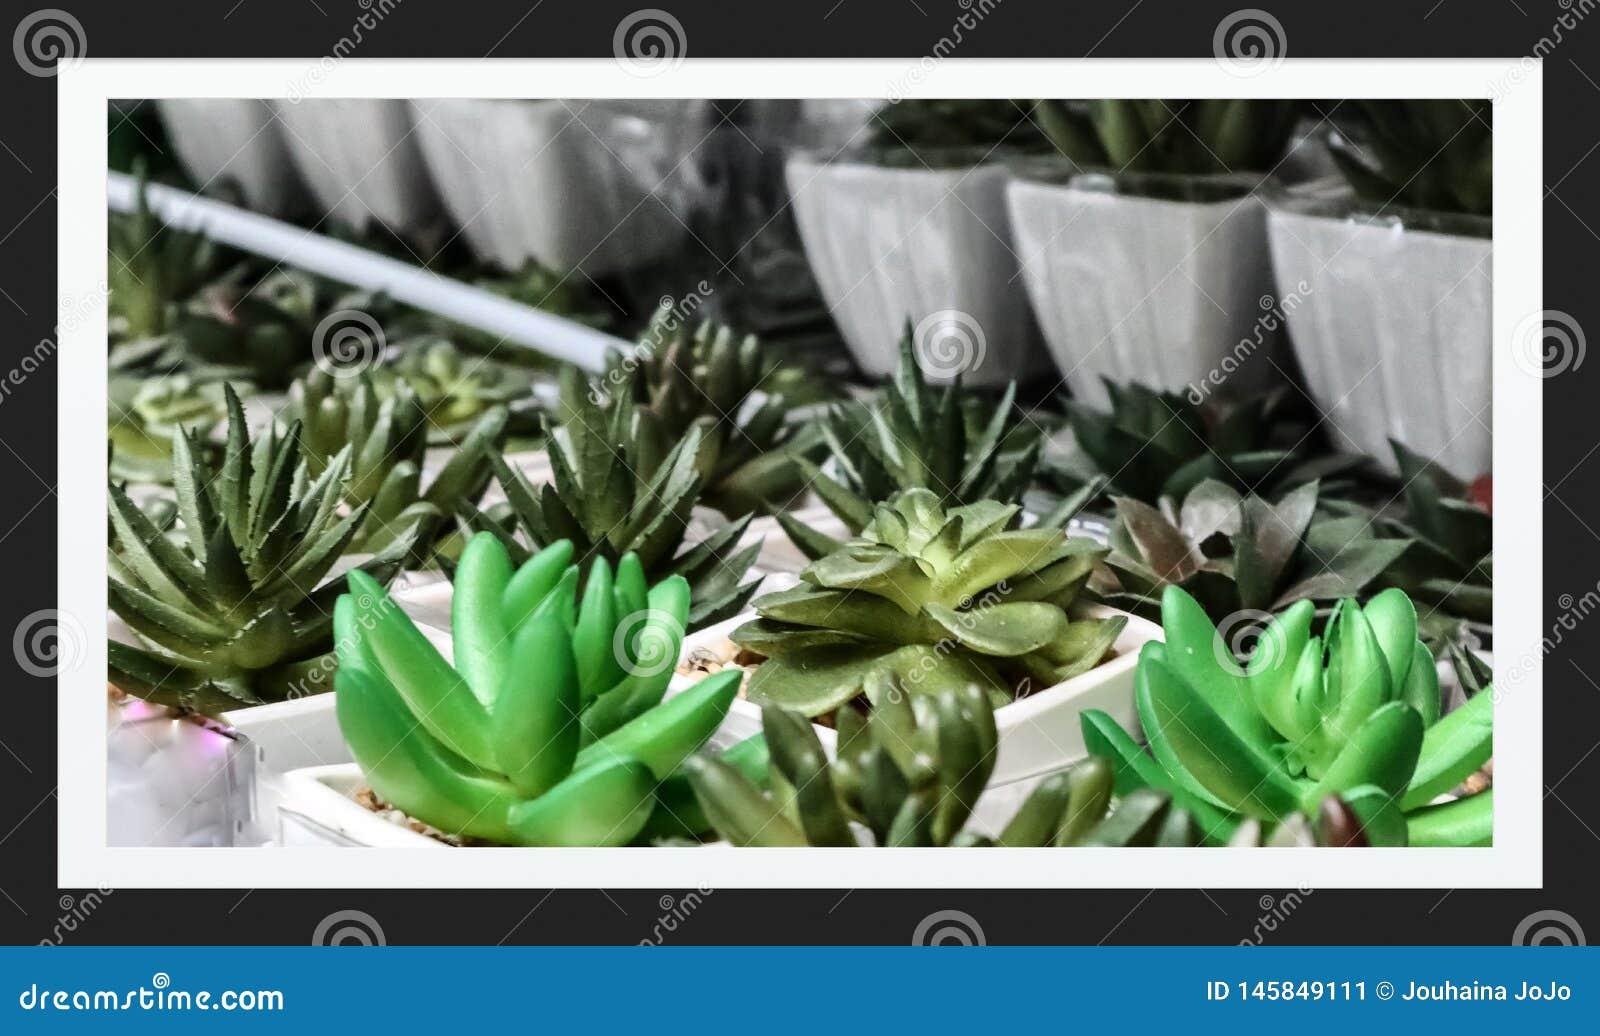 Many Baby Cactus in Garden